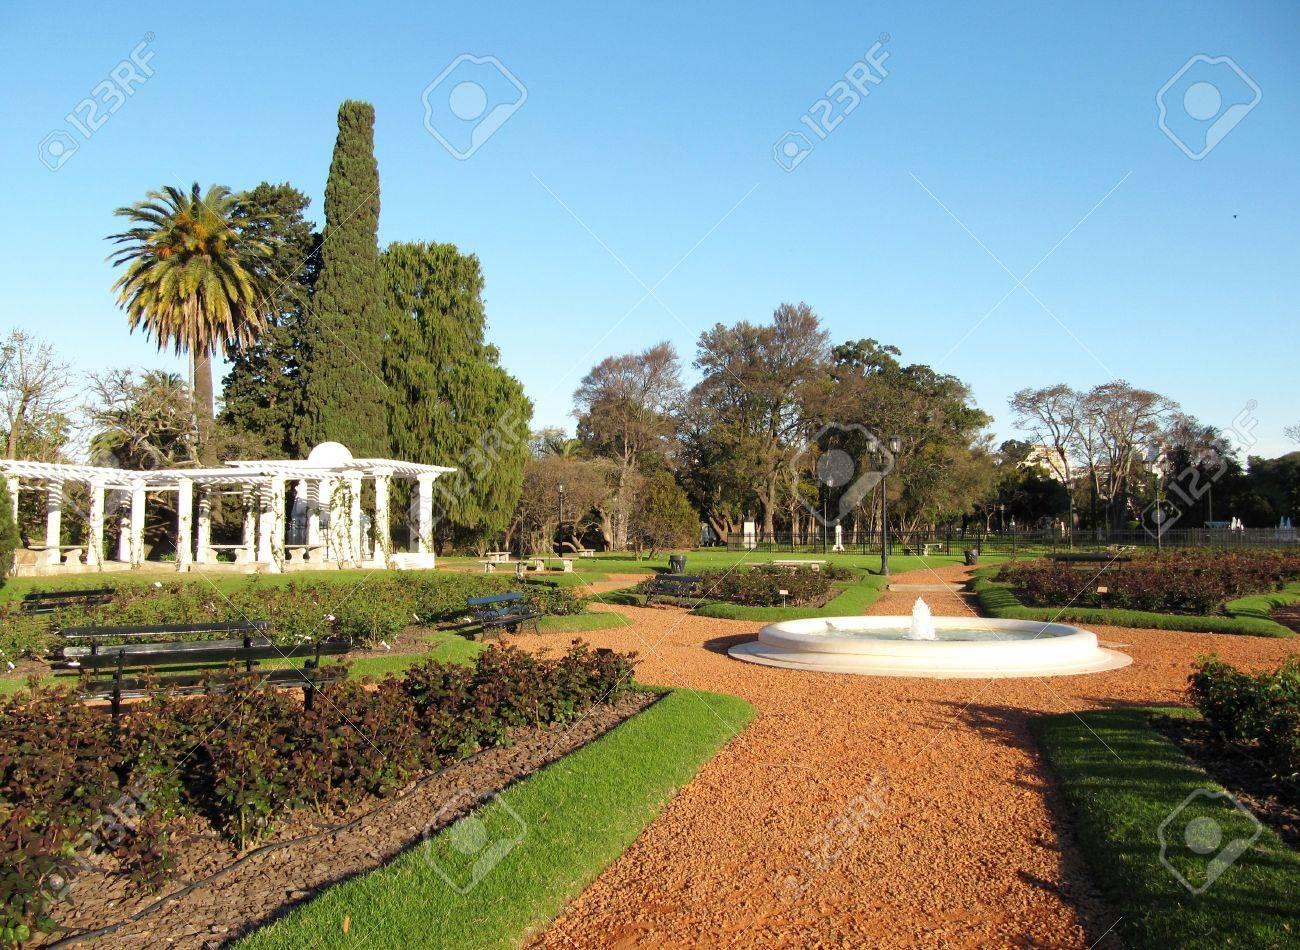 Bellissimi giardini di rose nel paesaggio della città primavera foto